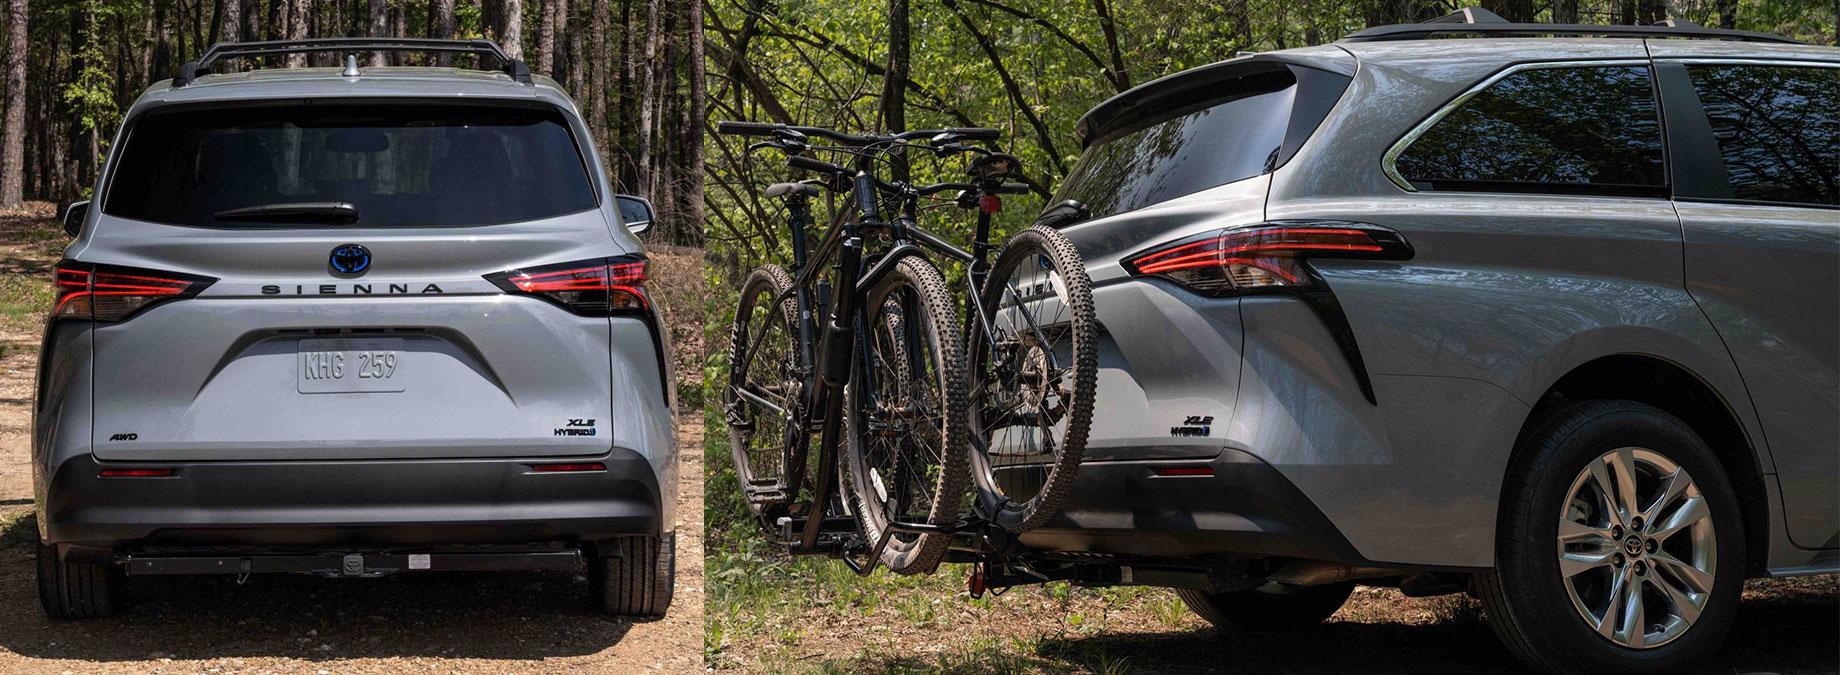 Toyota Sienna приготовилась к вылазкам на природу